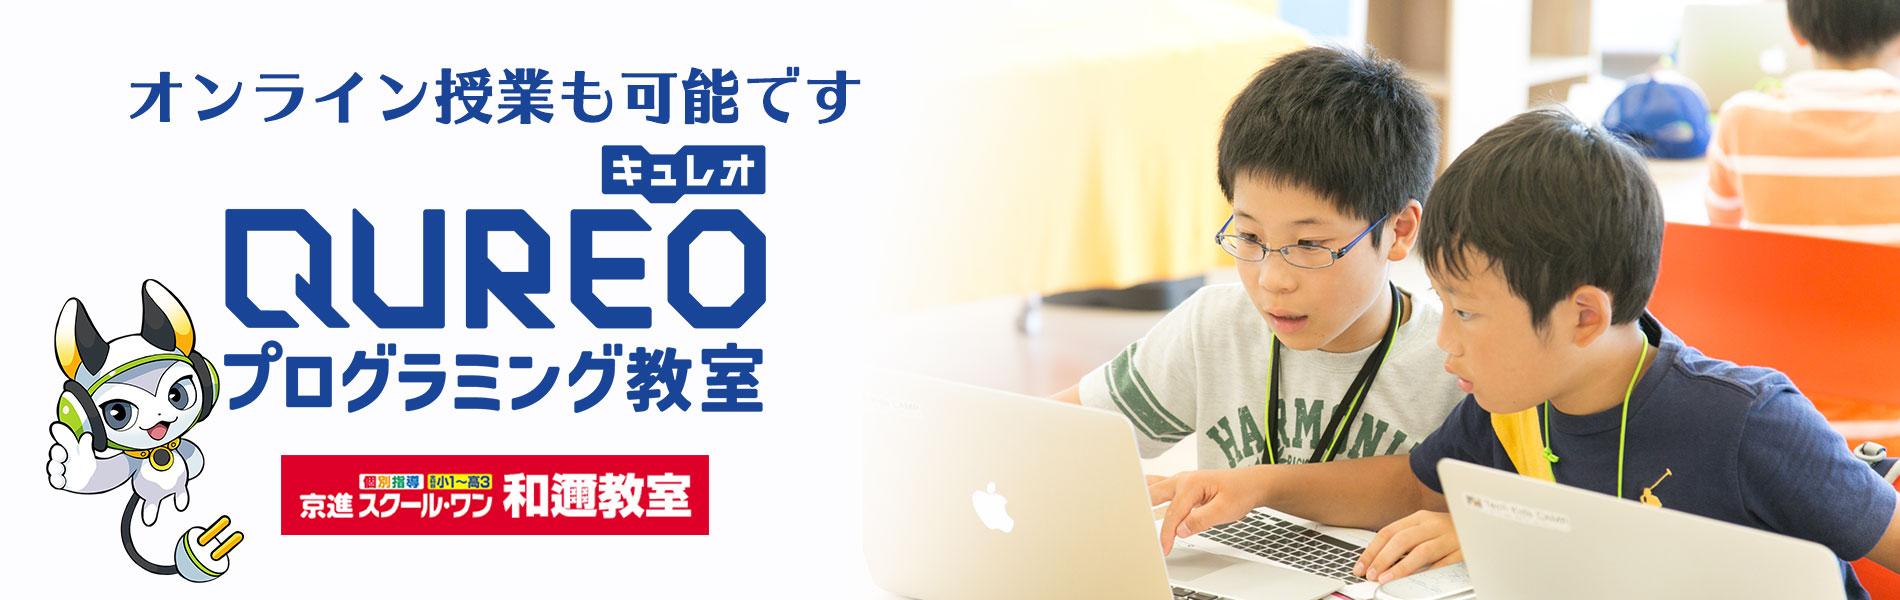 滋賀県大津市小学校からのプログラミング教室